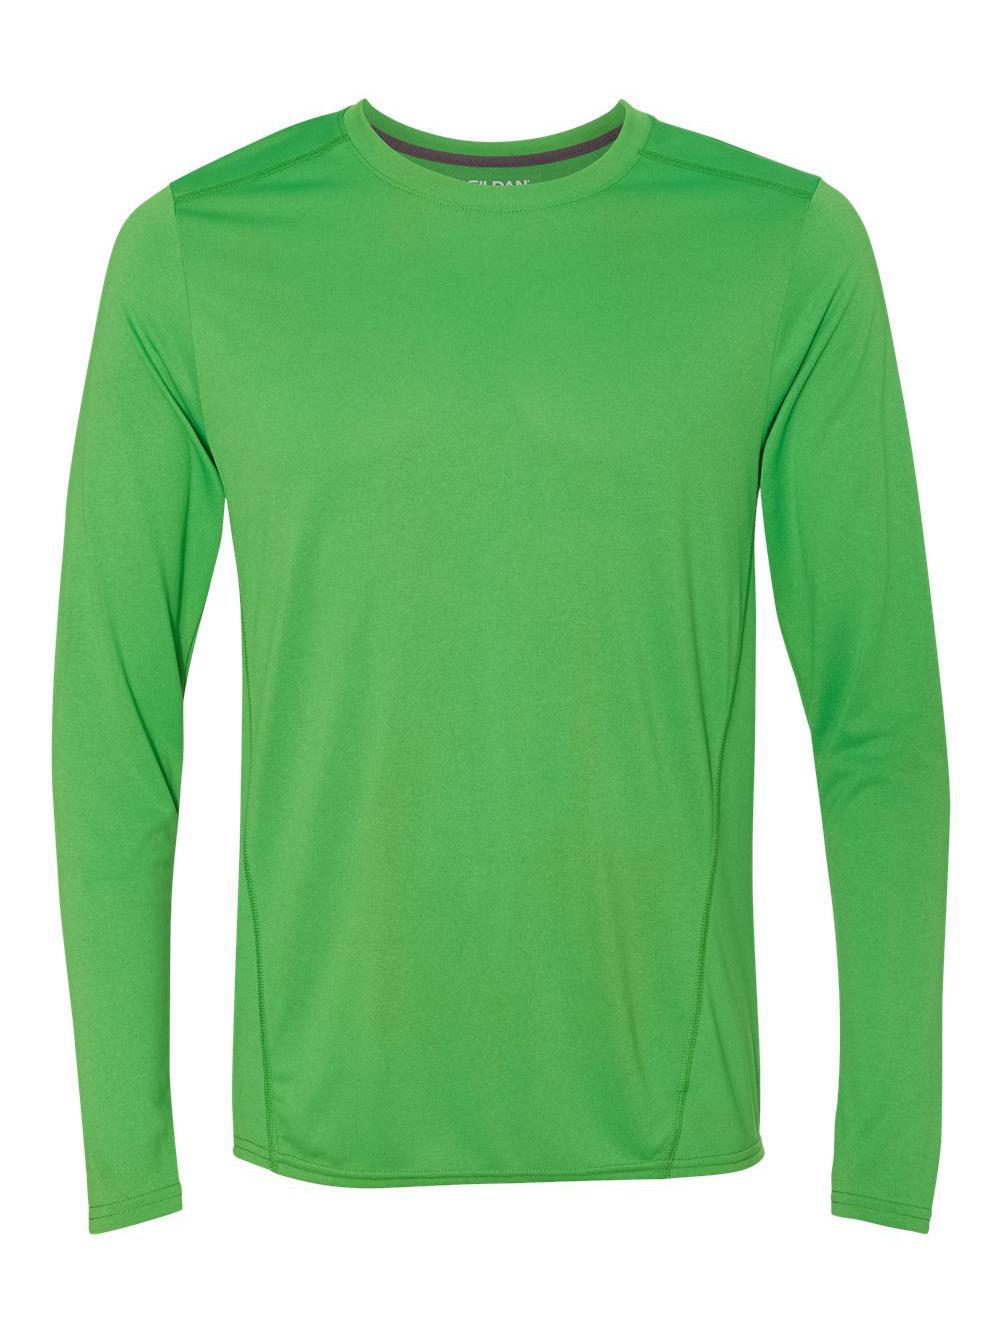 Gildan-Tech-Performance-Long-Sleeve-T-Shirt-47400 miniatura 6